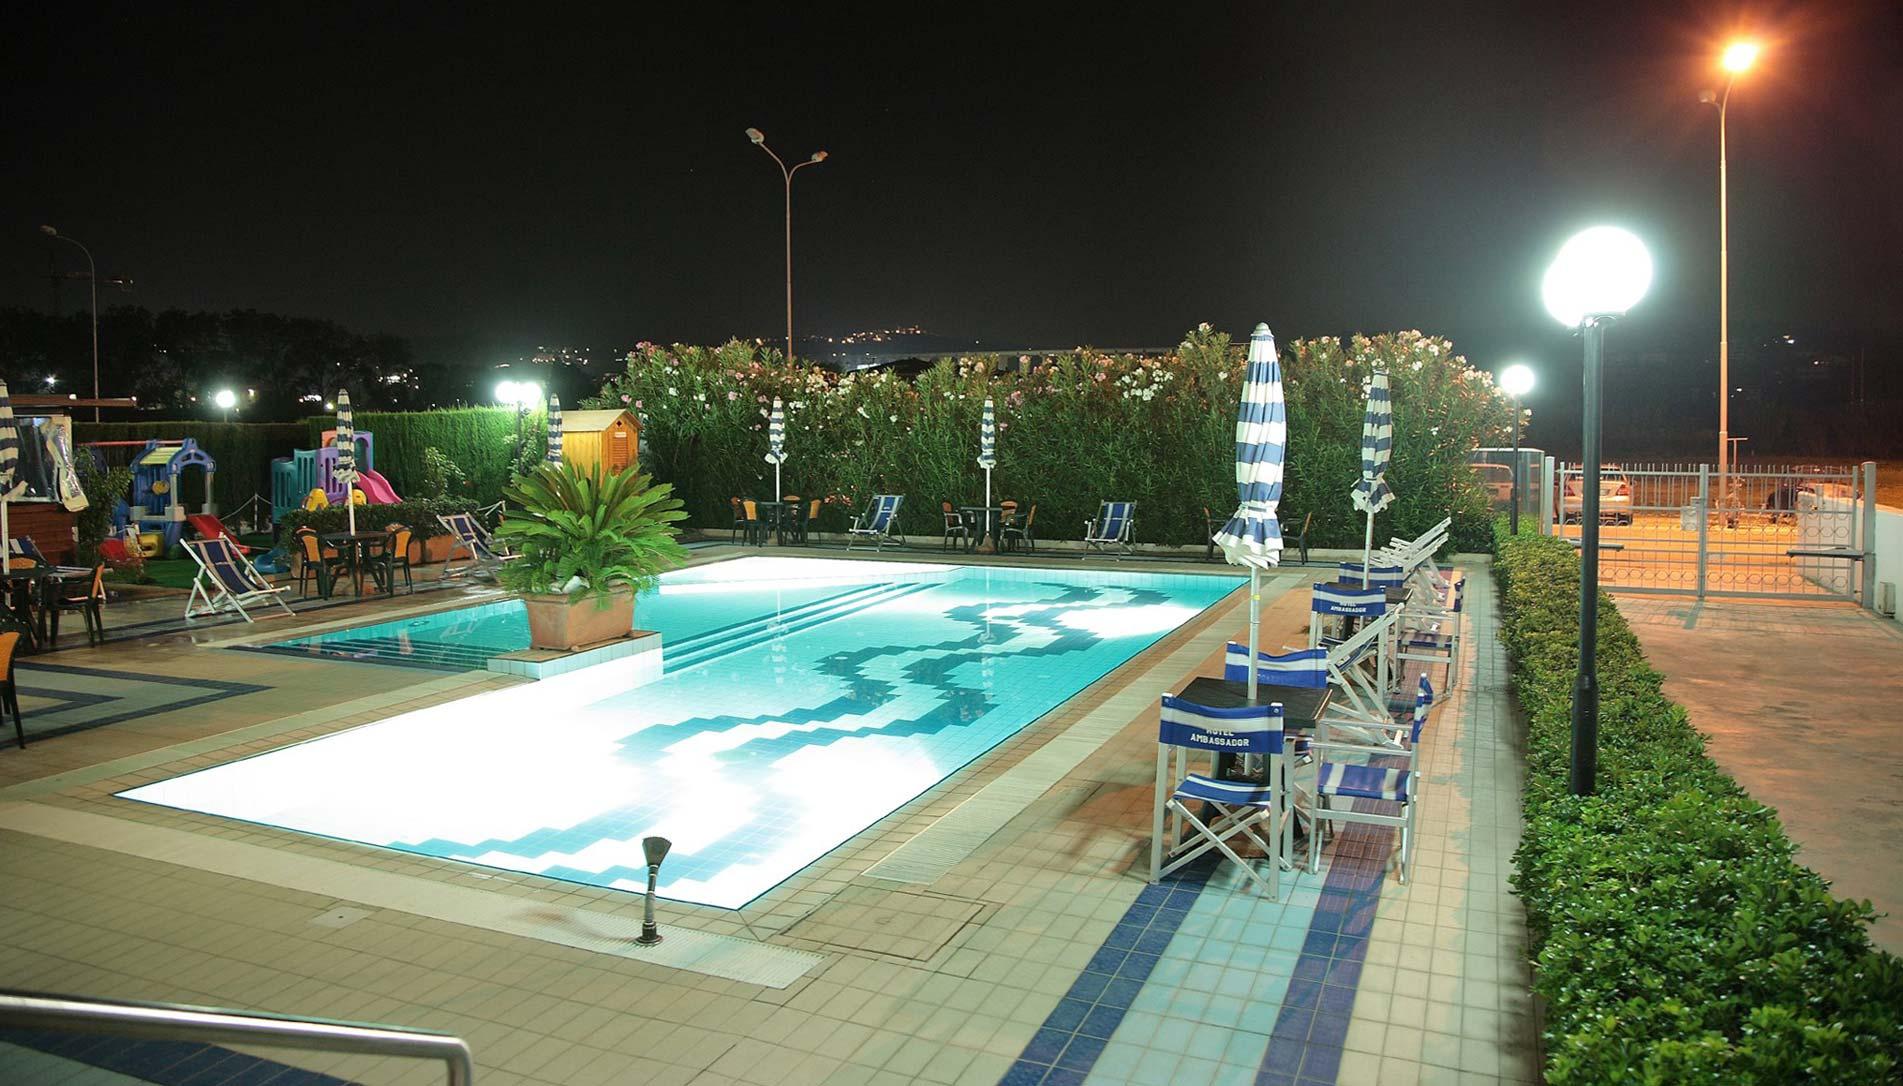 Hotel 4 stelle con piscina per vacanze con bambini sul - Hotel cervia 4 stelle con piscina ...